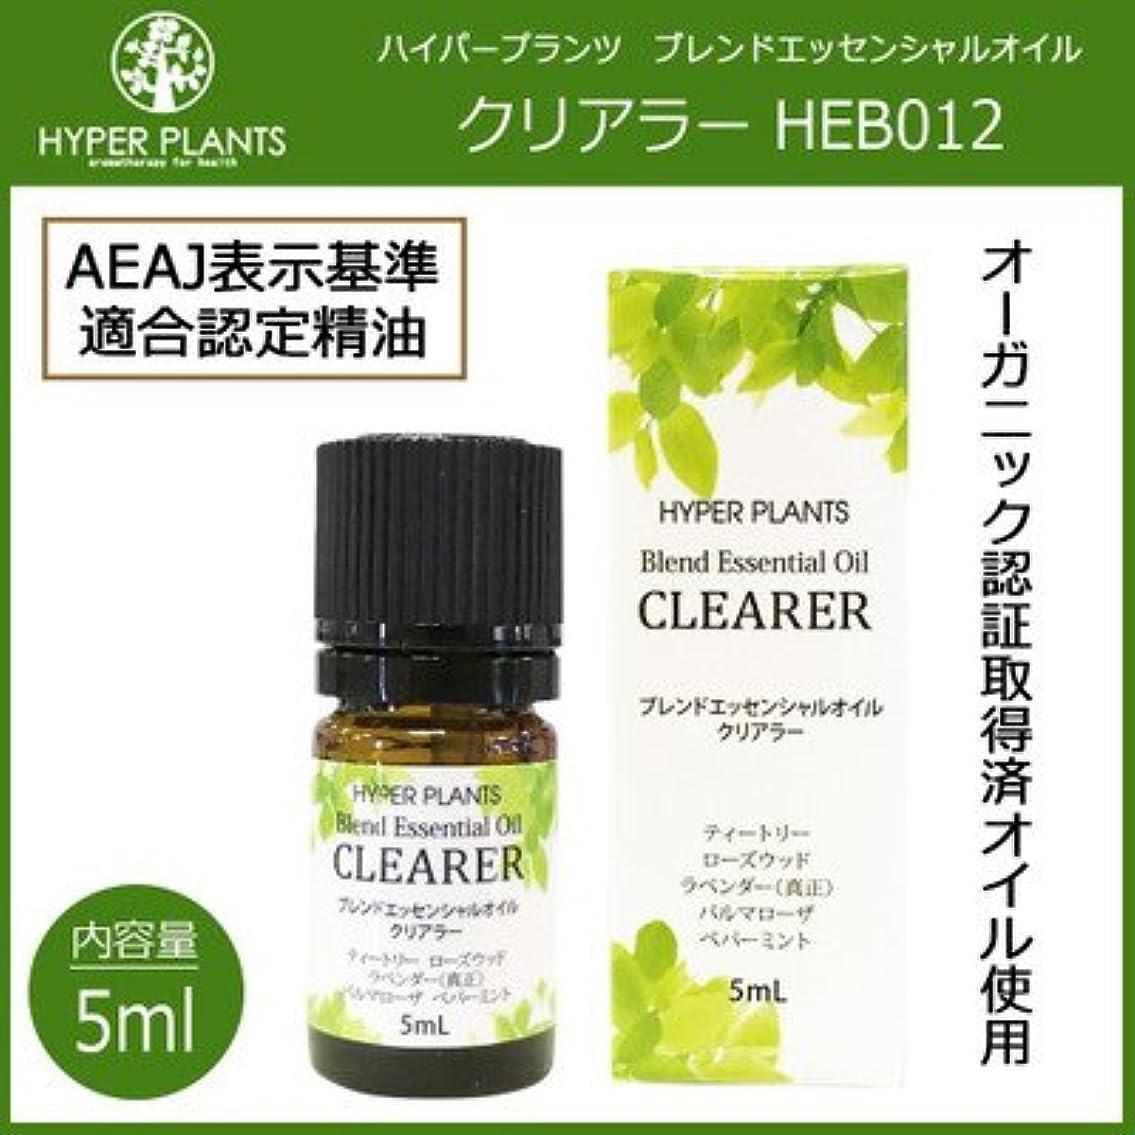 弓テクニカル拡張毎日の生活にアロマの香りを HYPER PLANTS ハイパープランツ ブレンドエッセンシャルオイル クリアラー 5ml HEB012